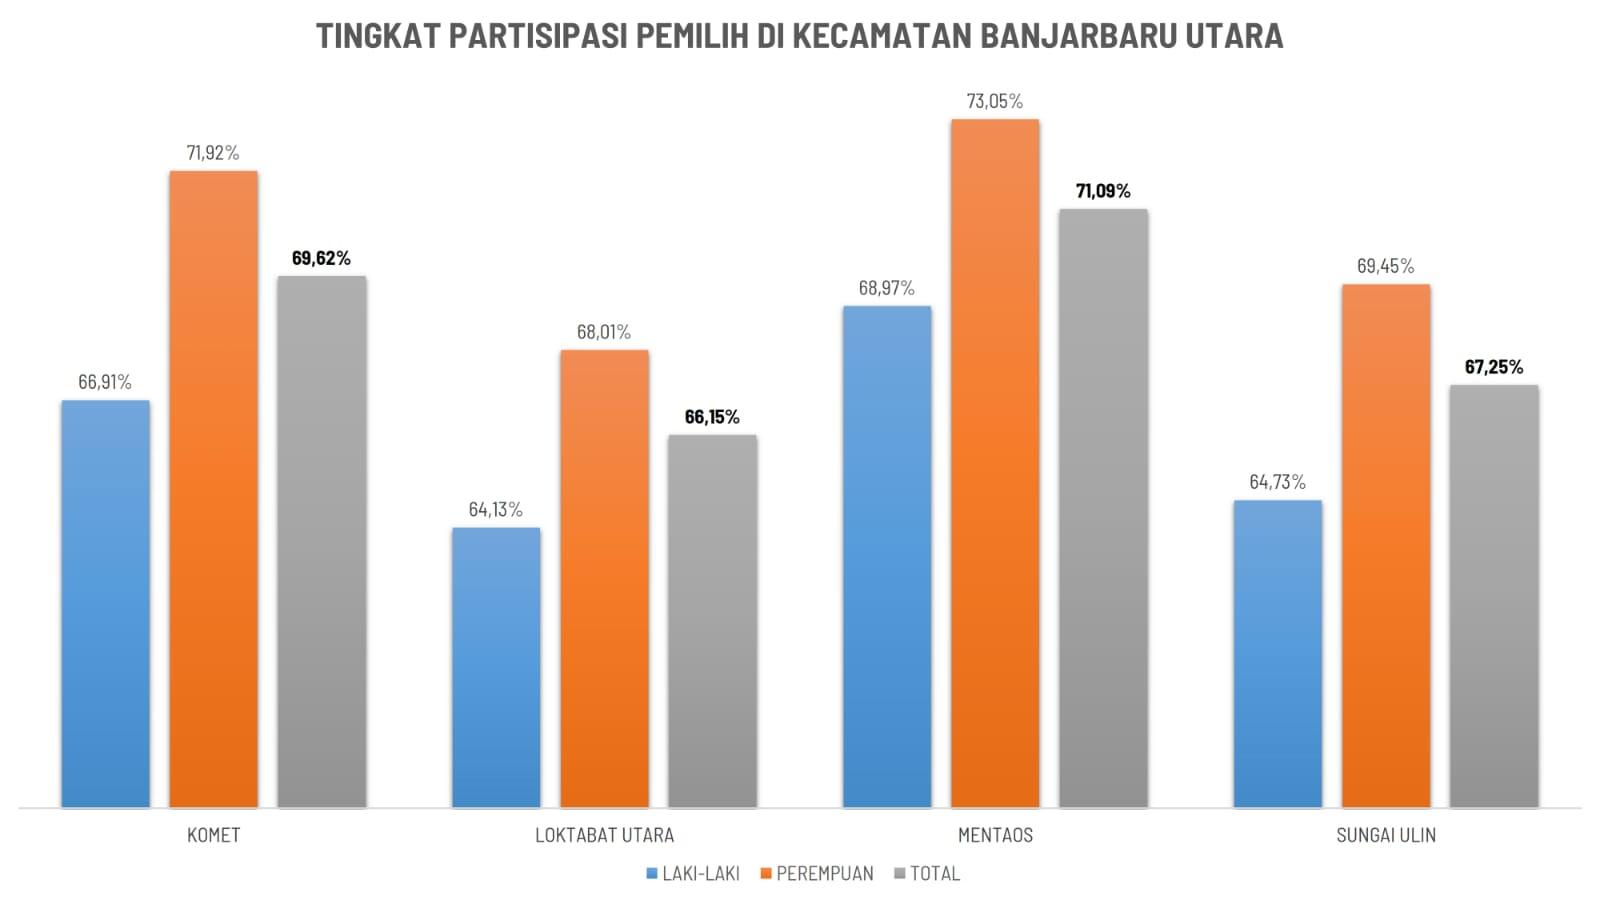 Tingkat Partisipasi pemilih di Kecamatan Banjarbaru Utara